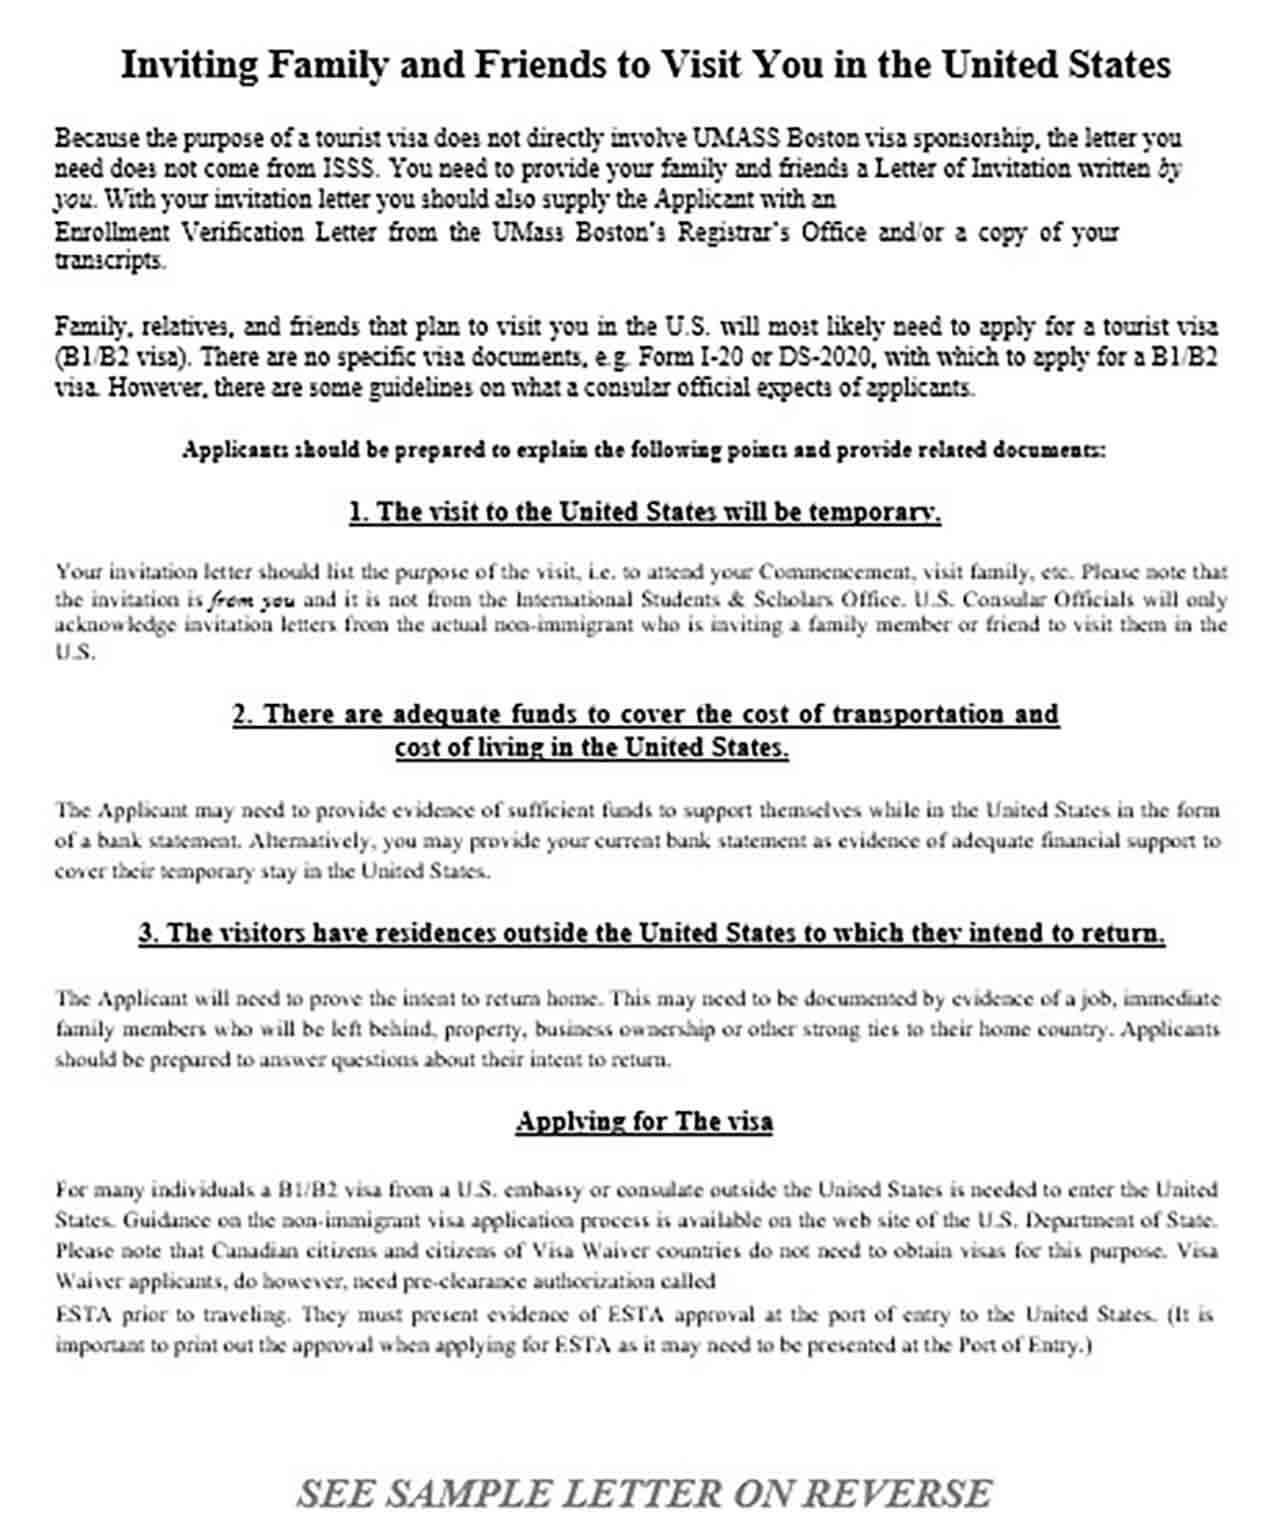 Sample Letter for Inviting Relatives for US Visa